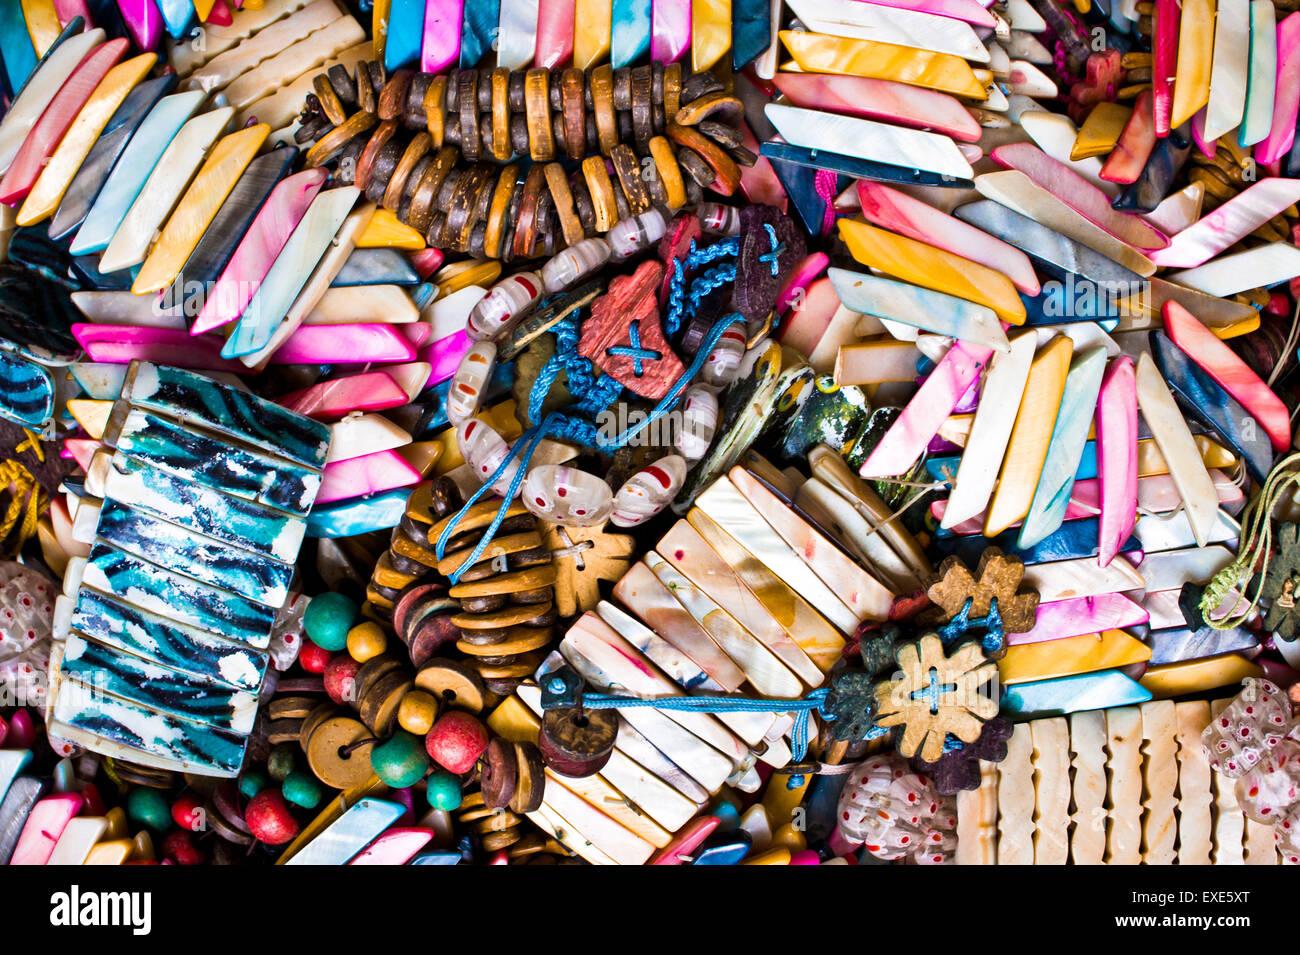 Recuerdo pulseras y colgantes en un mercado turco Imagen De Stock